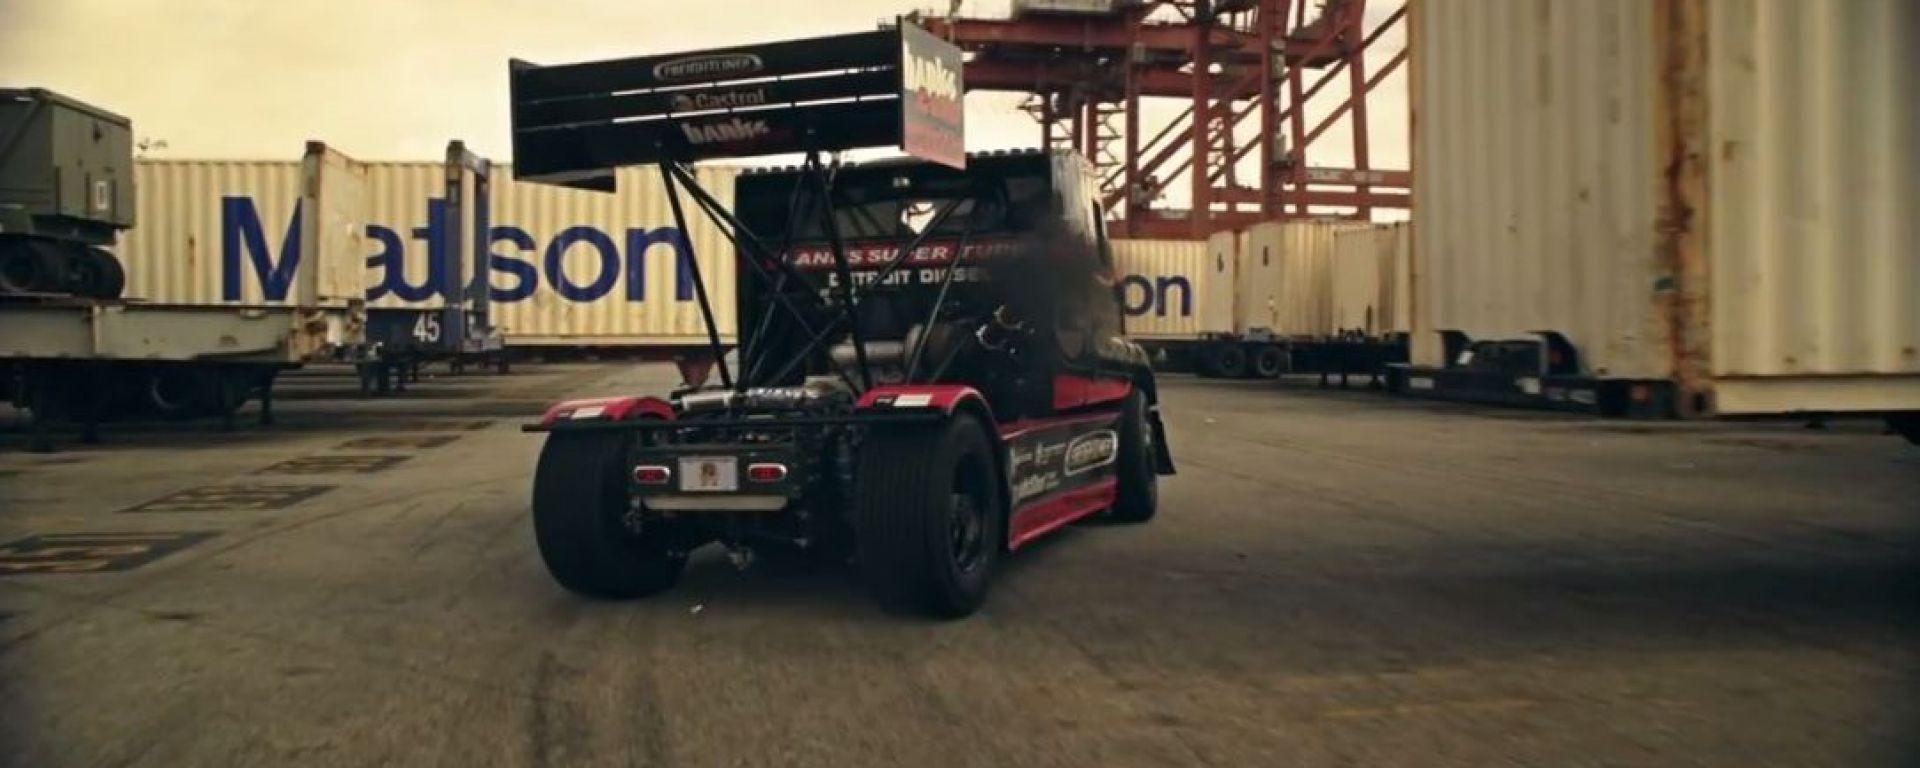 SIZE MATTERS 2 - Semi Truck Drifting